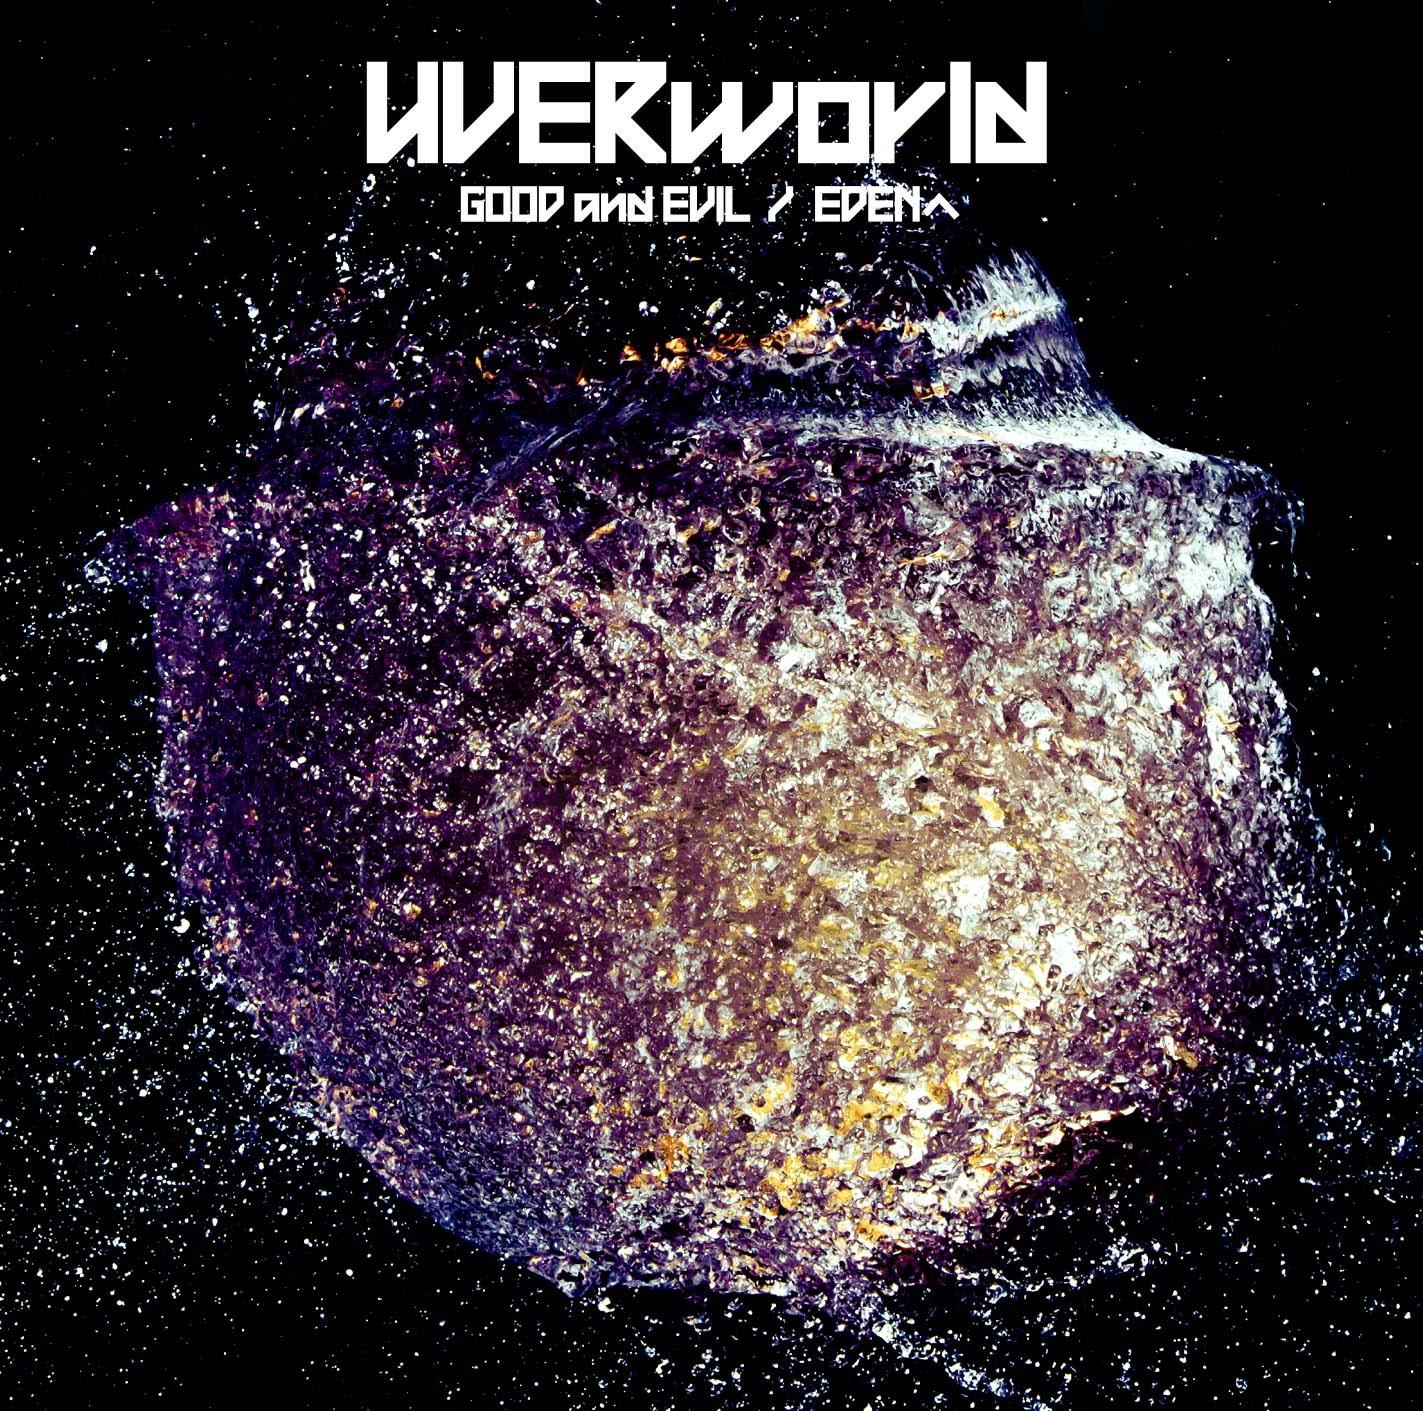 UVERworld (ウーバーワールド) 33rdシングル『GOOD and EVIL/EDENへ』(初回限定盤) 高画質CDジャケット画像